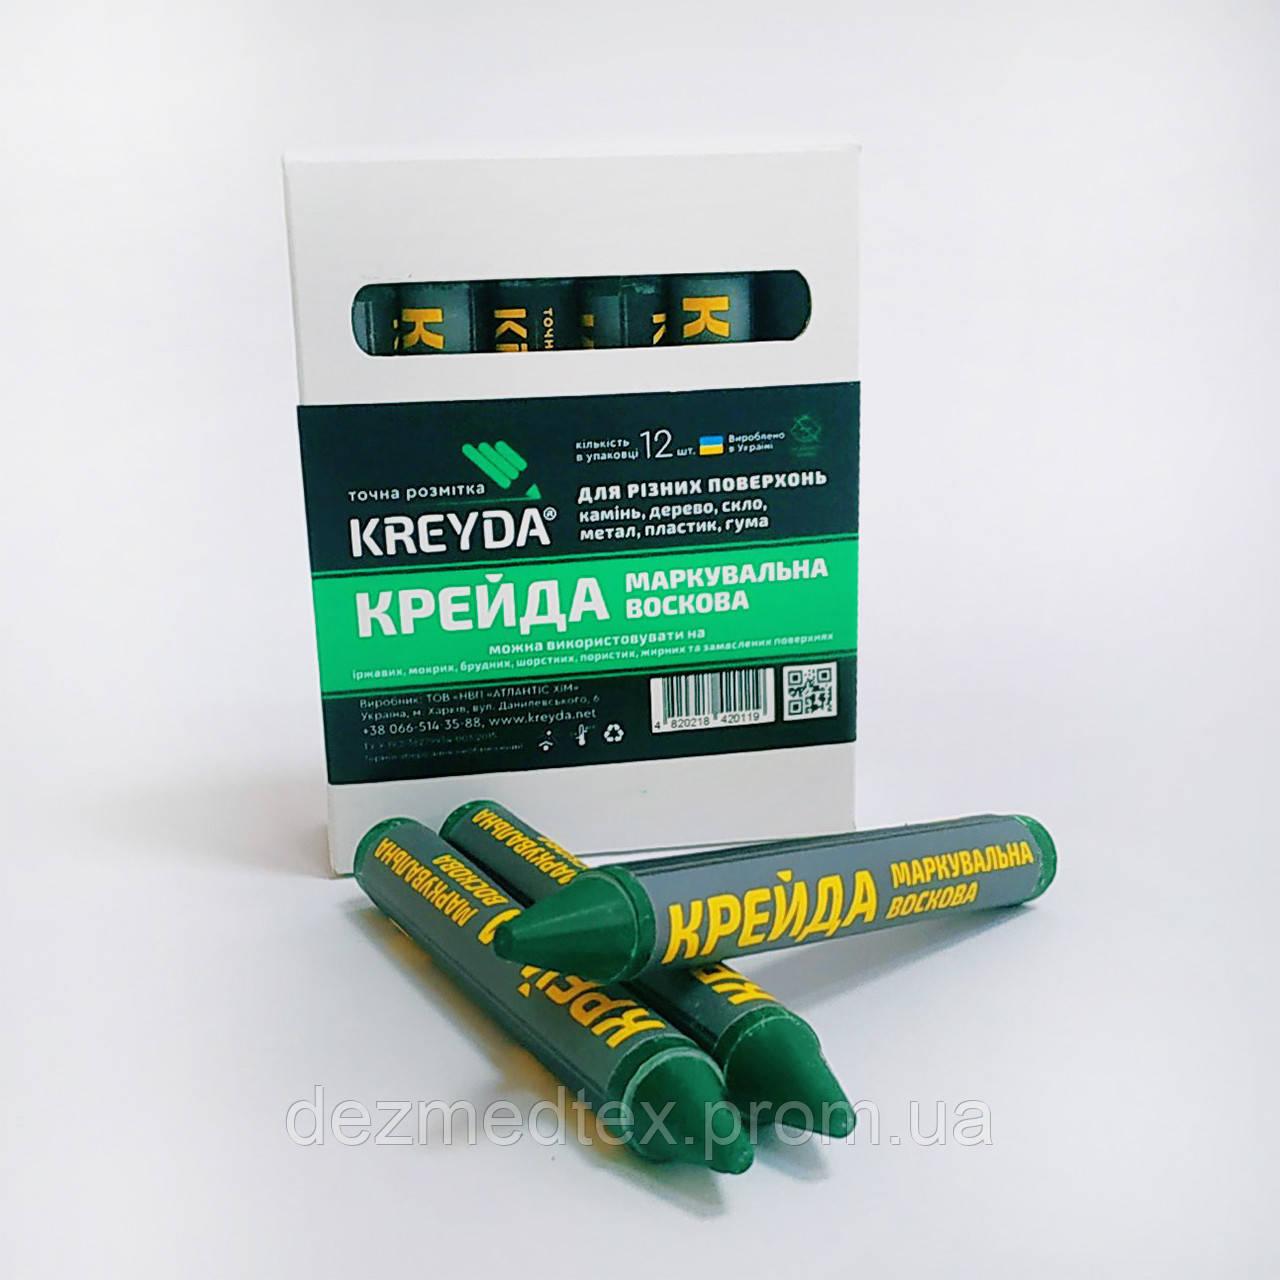 Маркер восковой маркировочный для любой поверхности KREYDA, зеленые